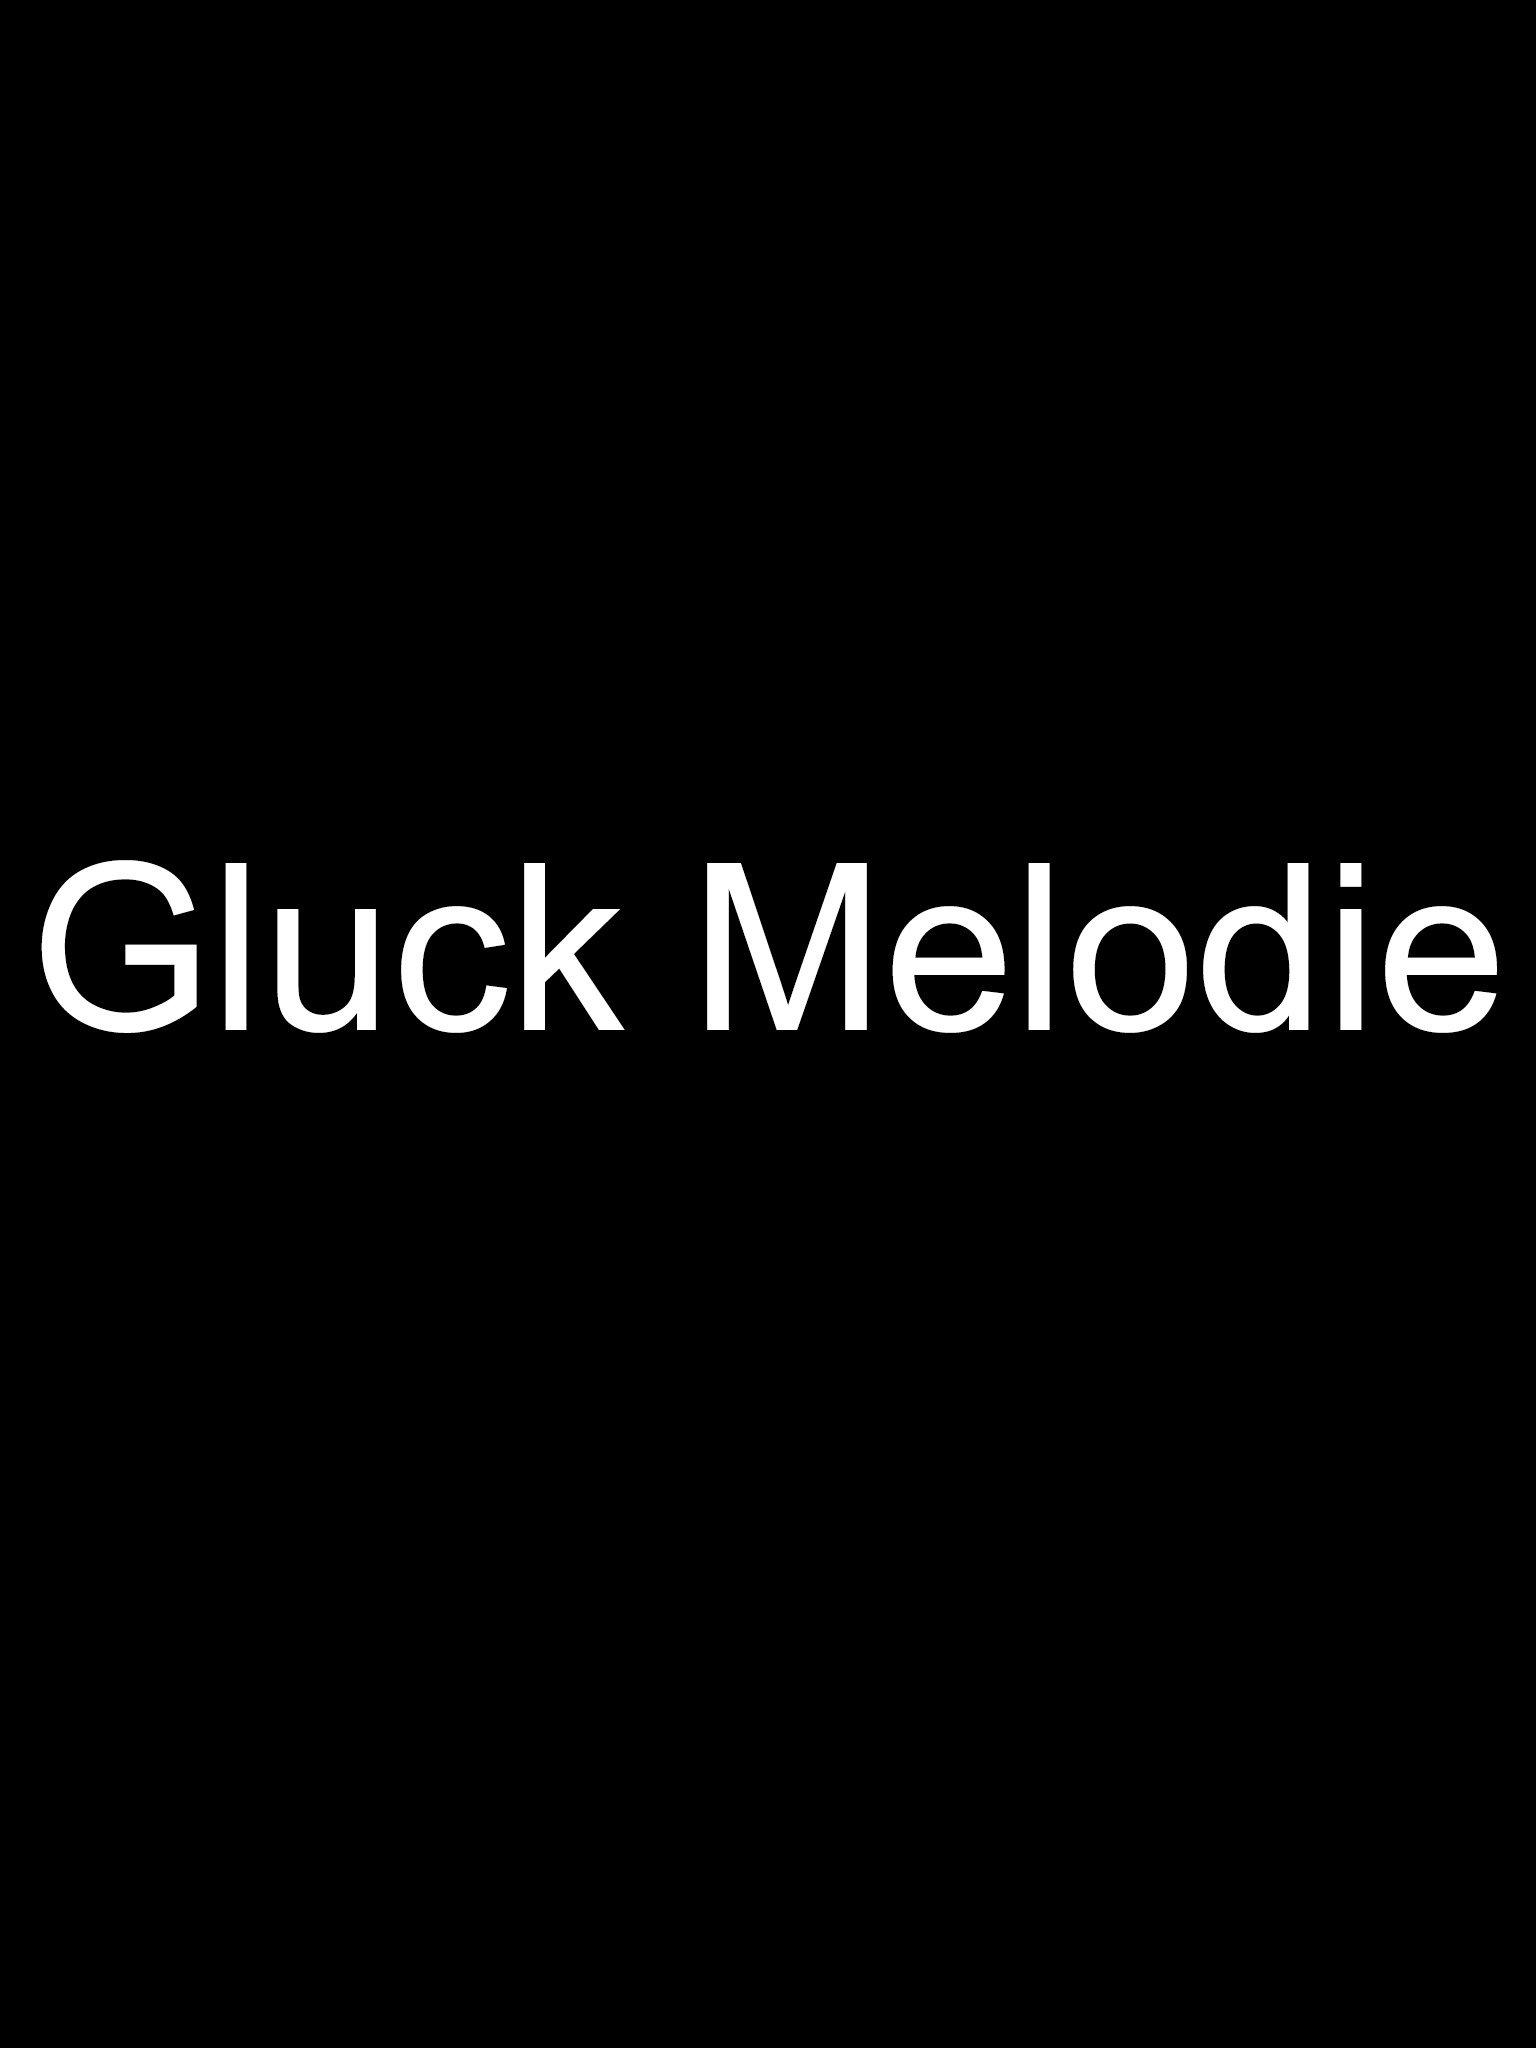 Gluck Melodie